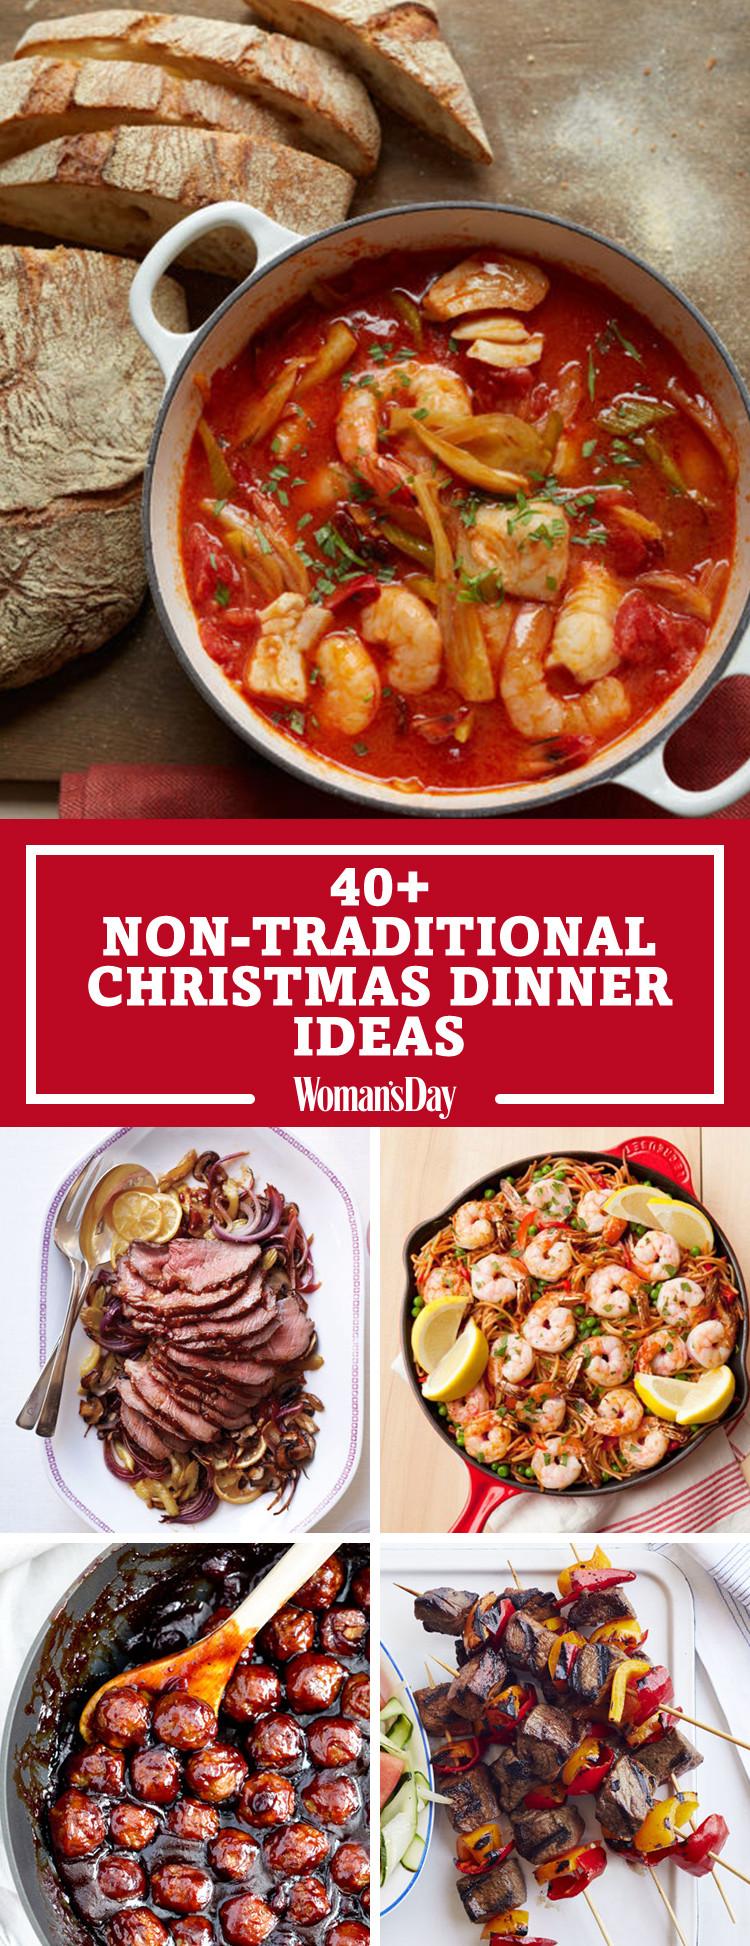 Ideas For Christmas Dinner  40 Easy Christmas Dinner Ideas Best Recipes for